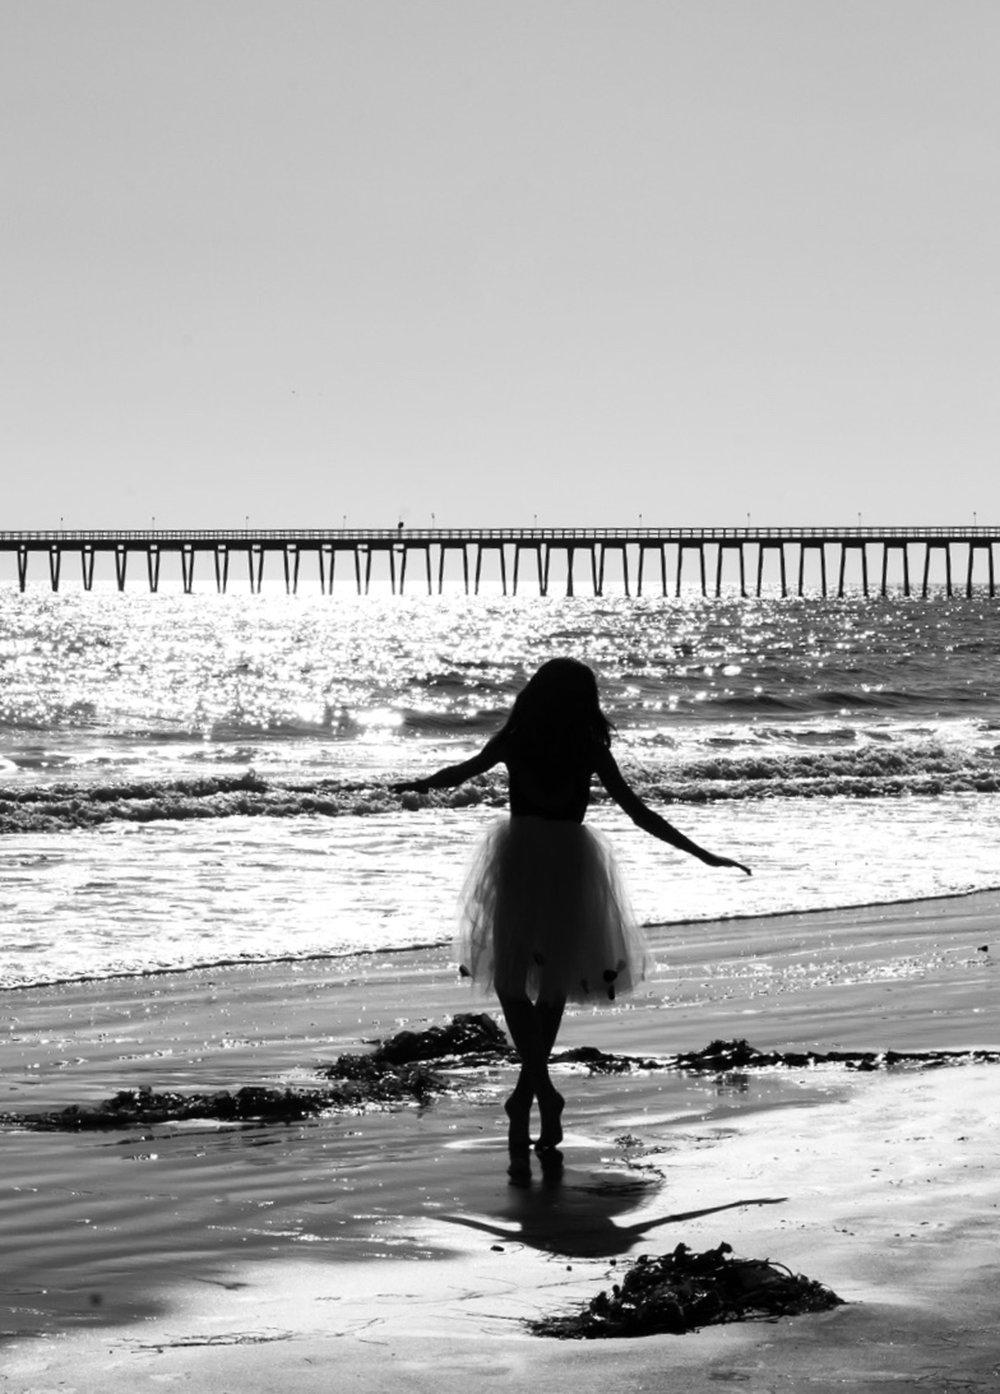 romani_ballerina.jpg